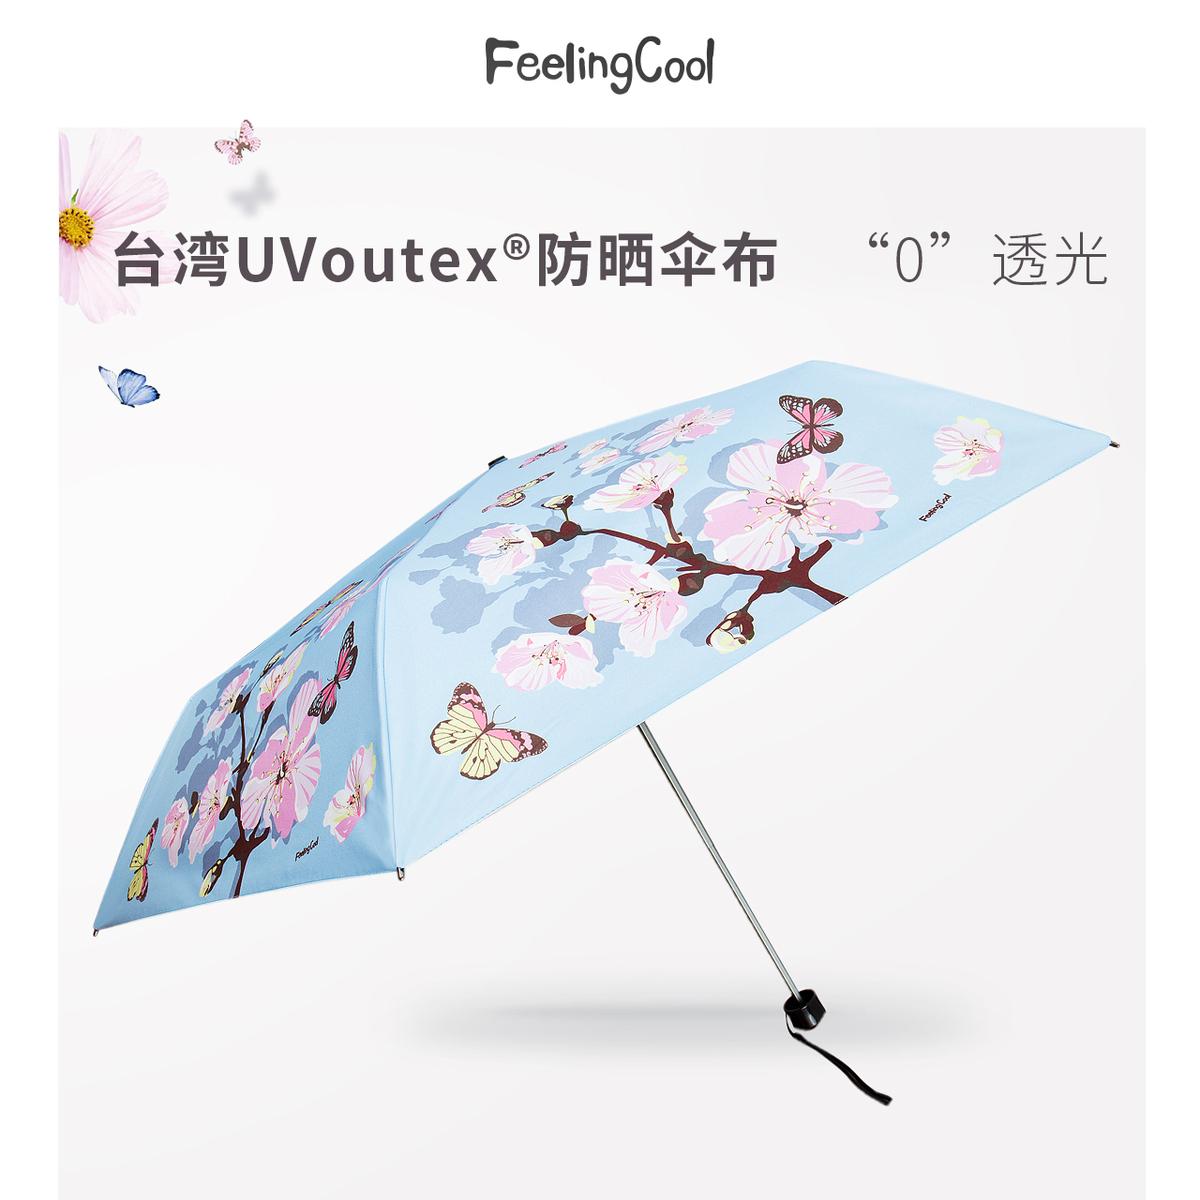 台湾飞兰蔻雨伞折叠女晴雨两用伞黑胶太阳伞防晒防紫外线遮阳伞